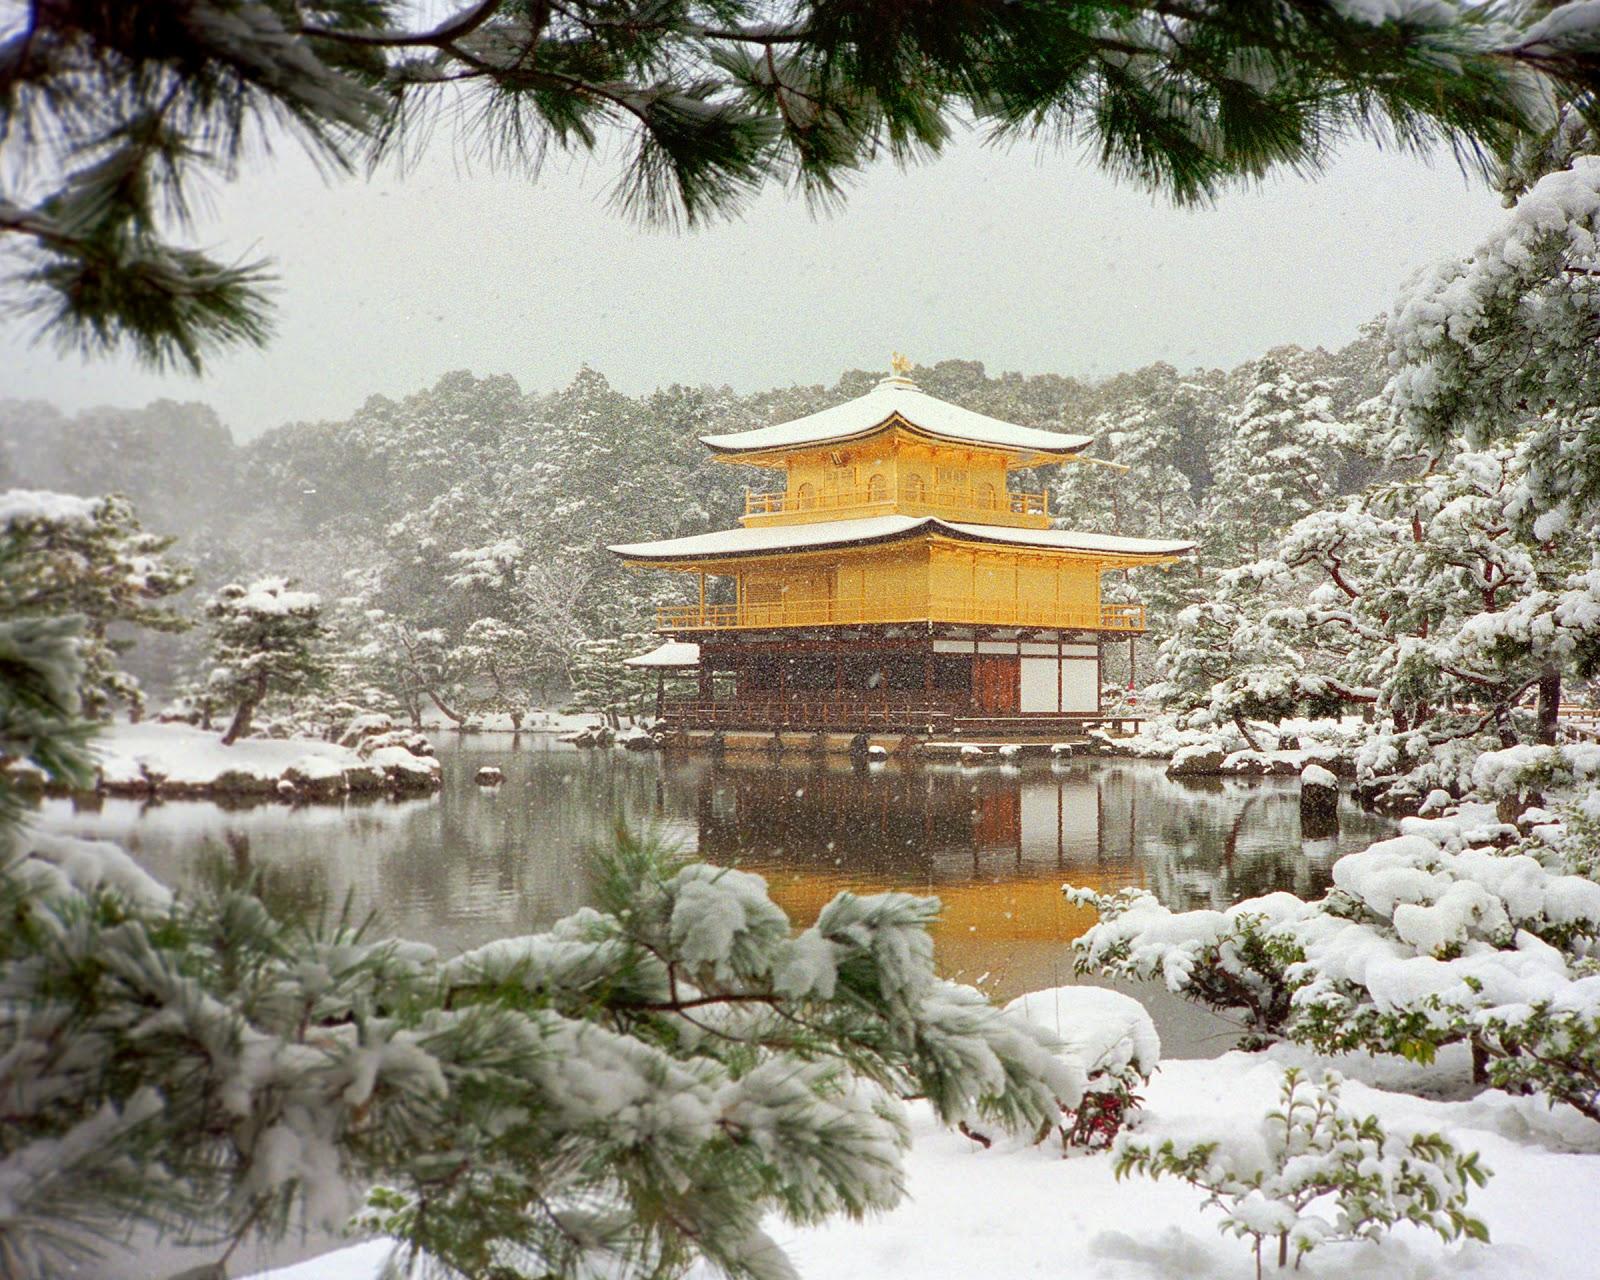 7 Wisata Sejarah yang Populer di Jepang